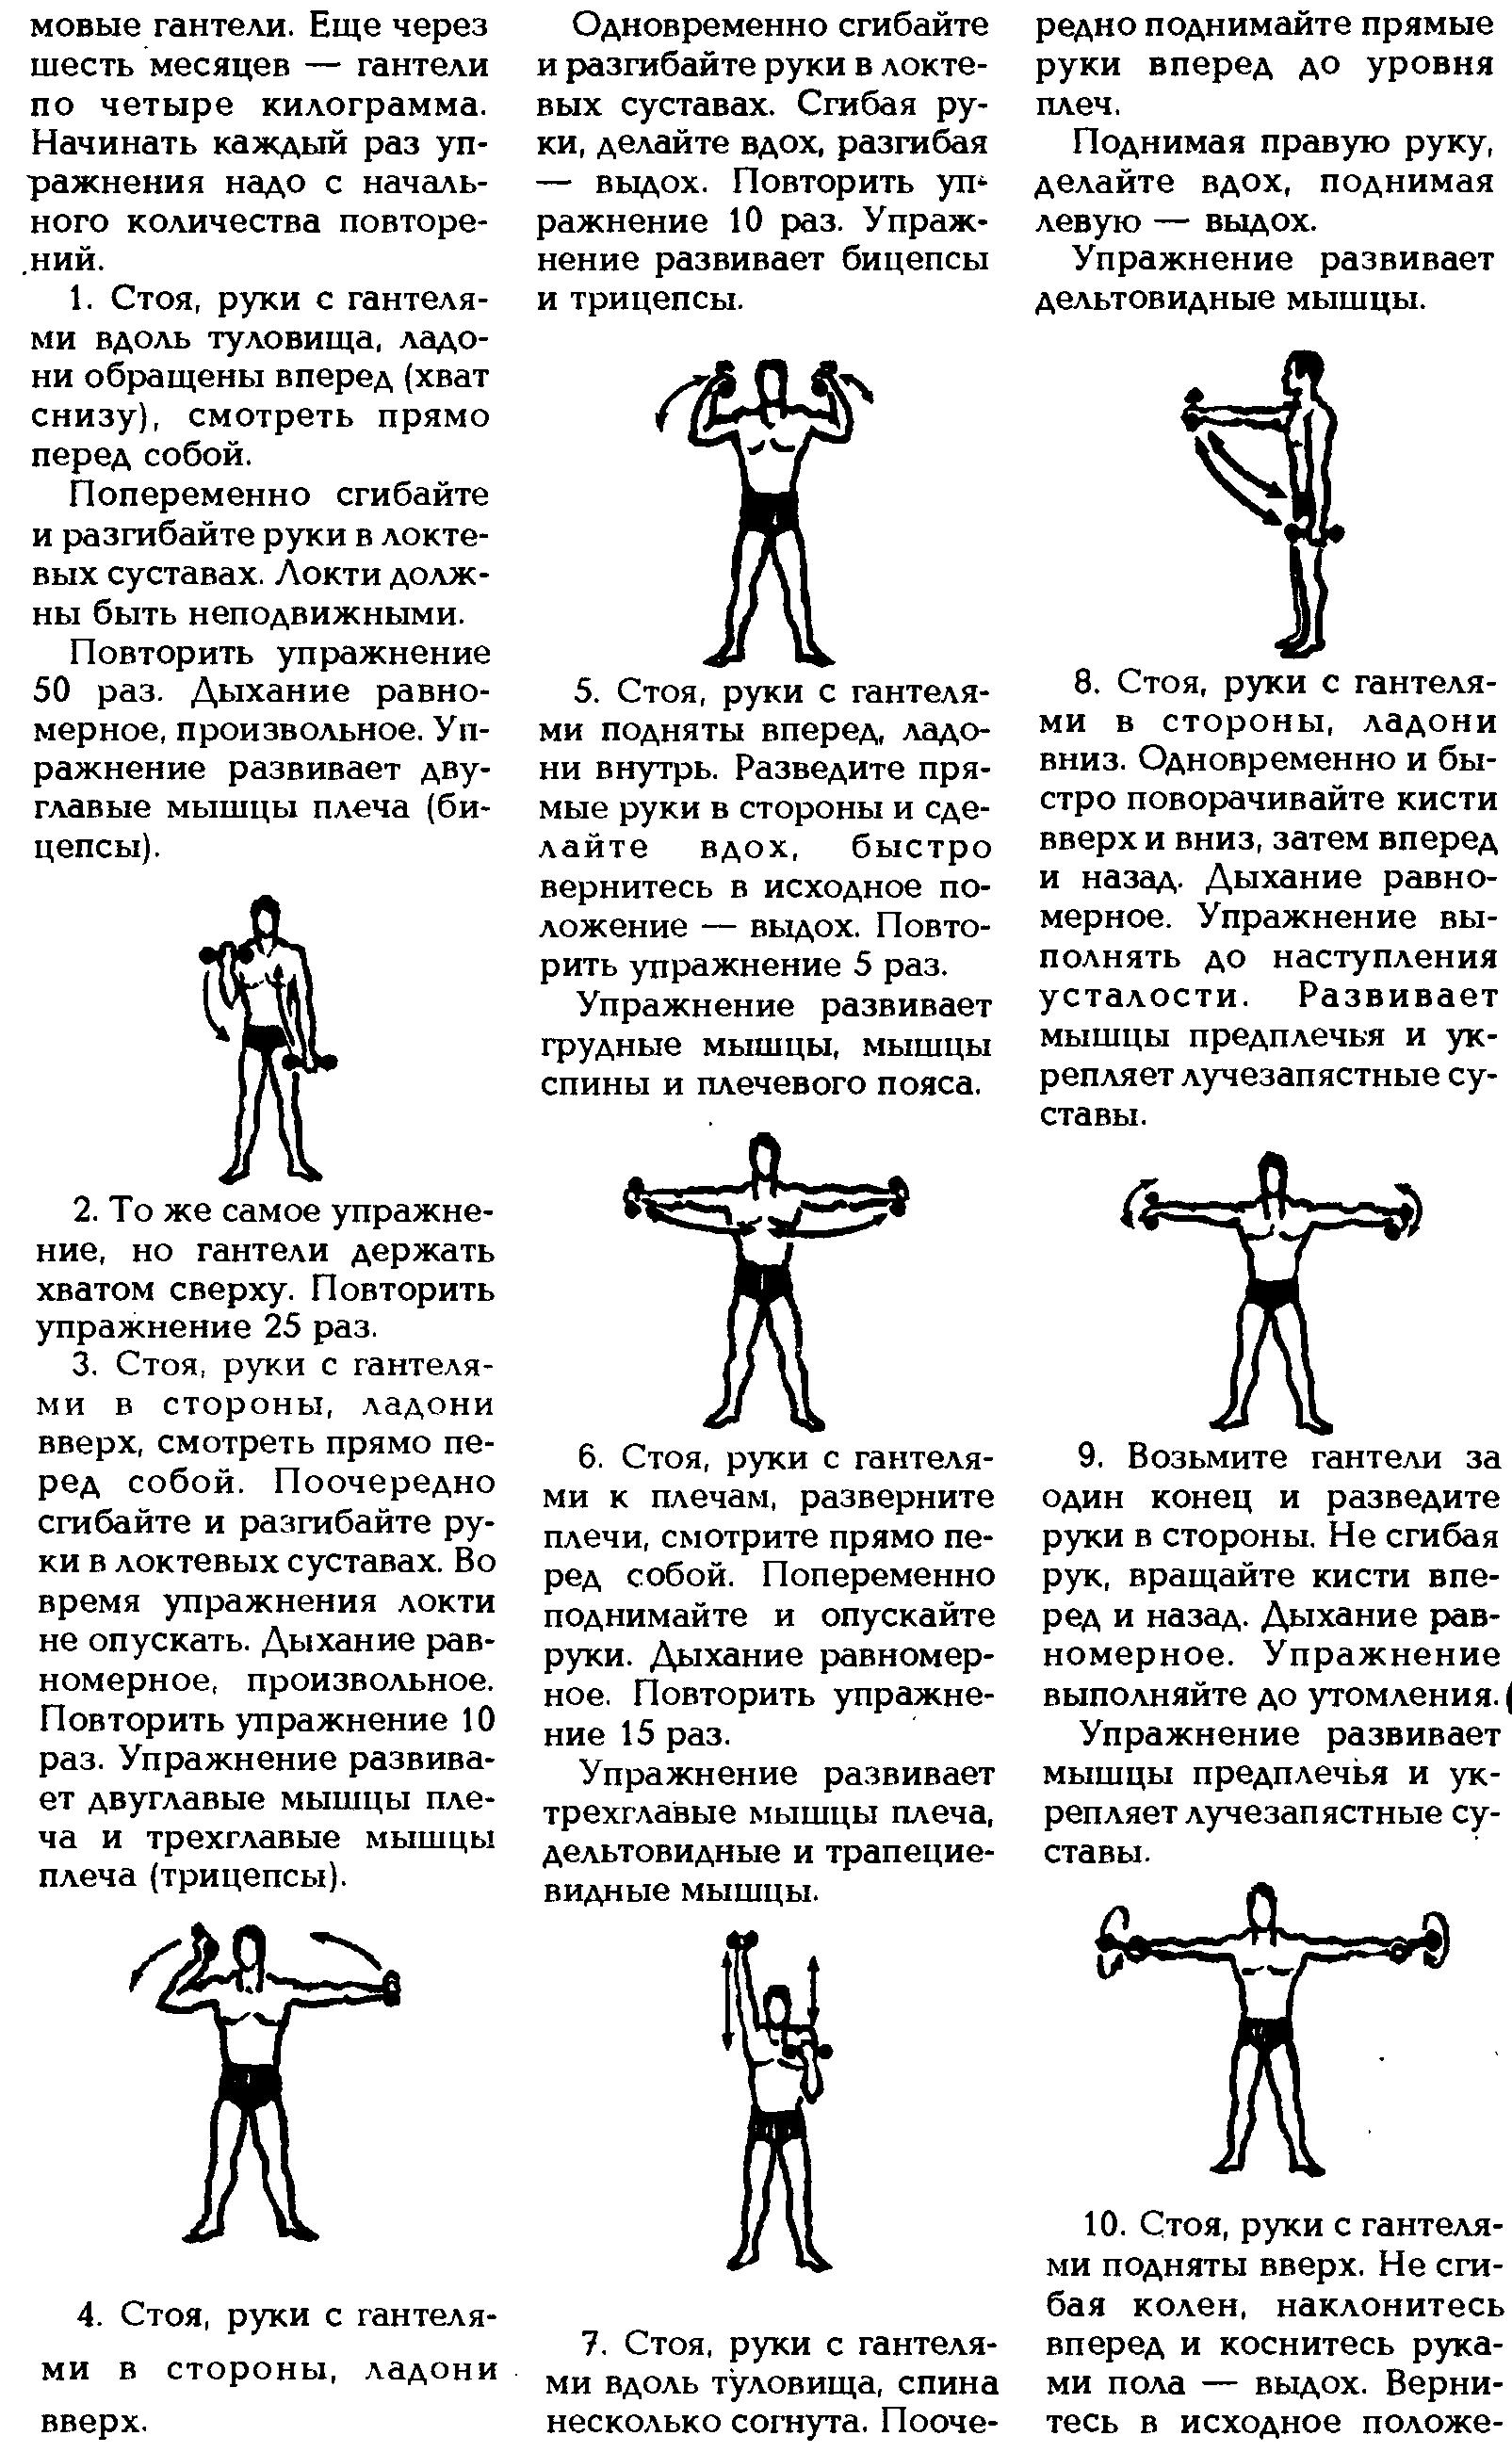 гантельная гимнастика евгения сандова картинки порода гордость